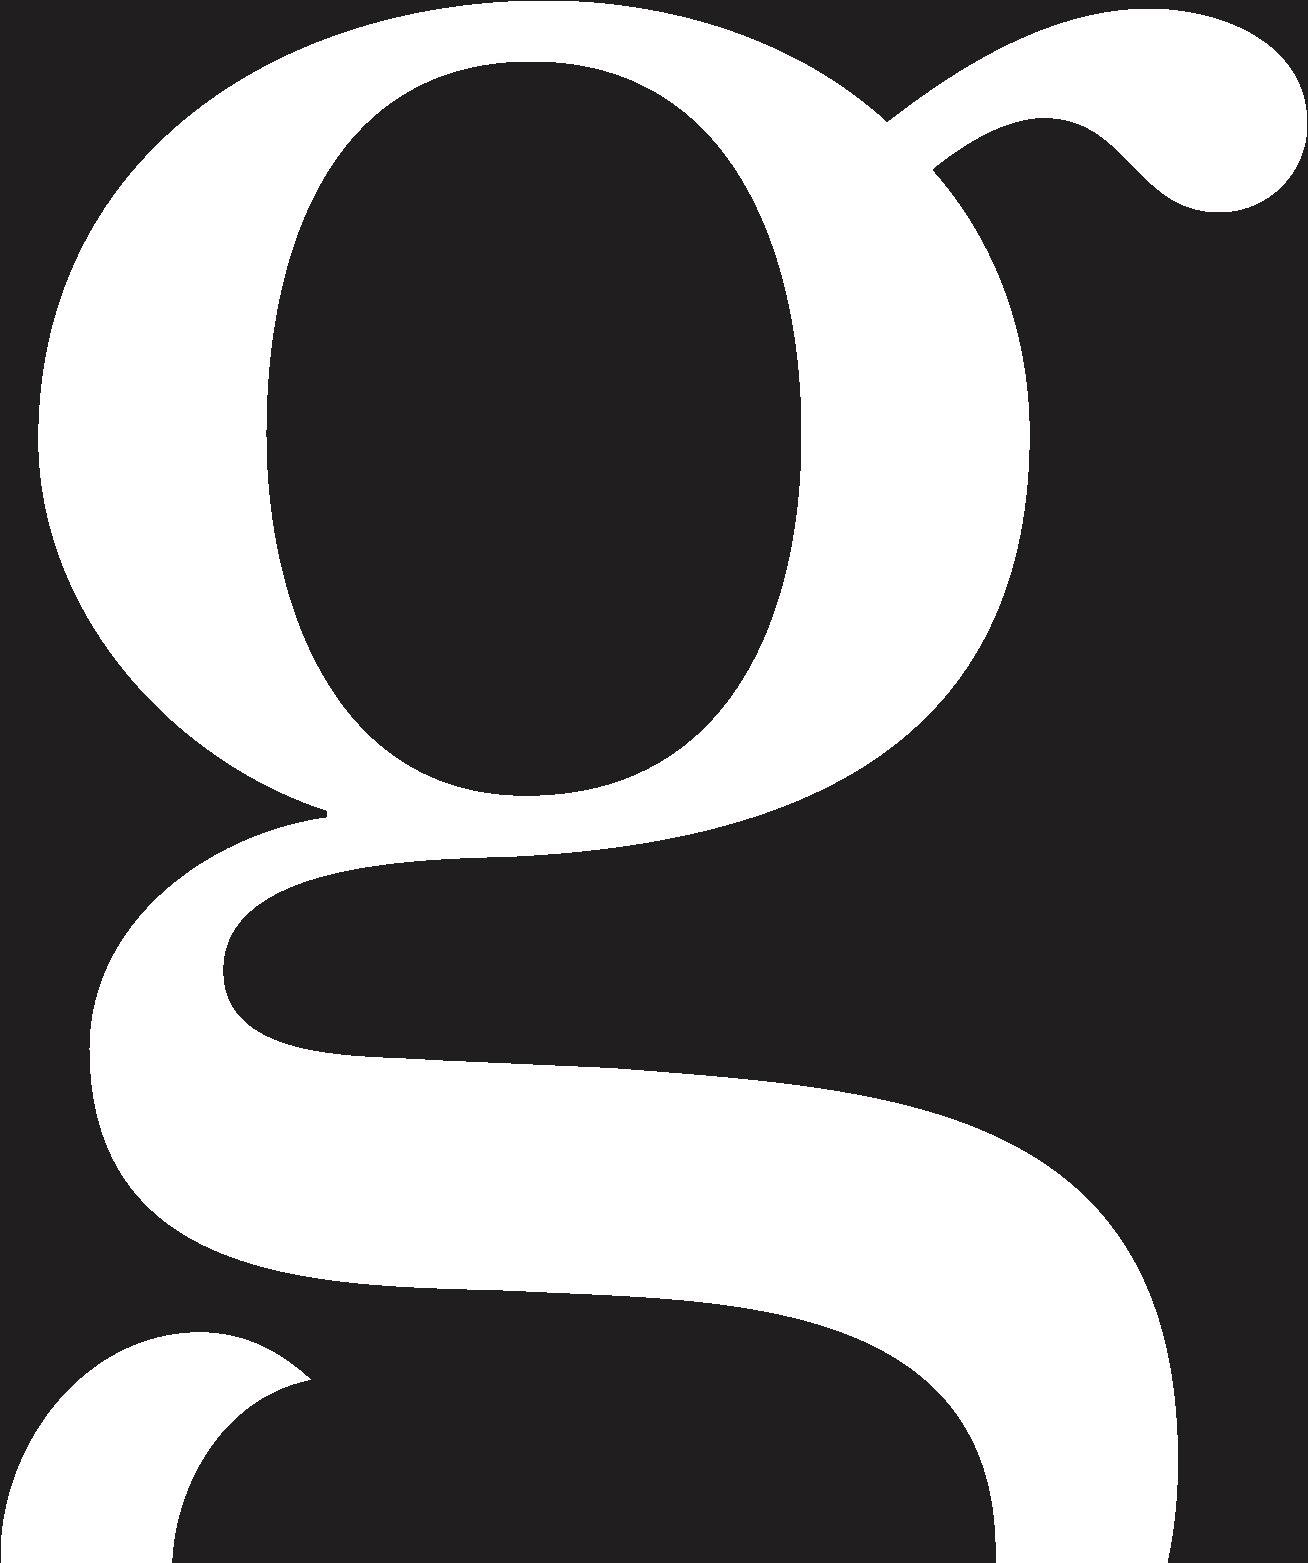 Granath G logo outline